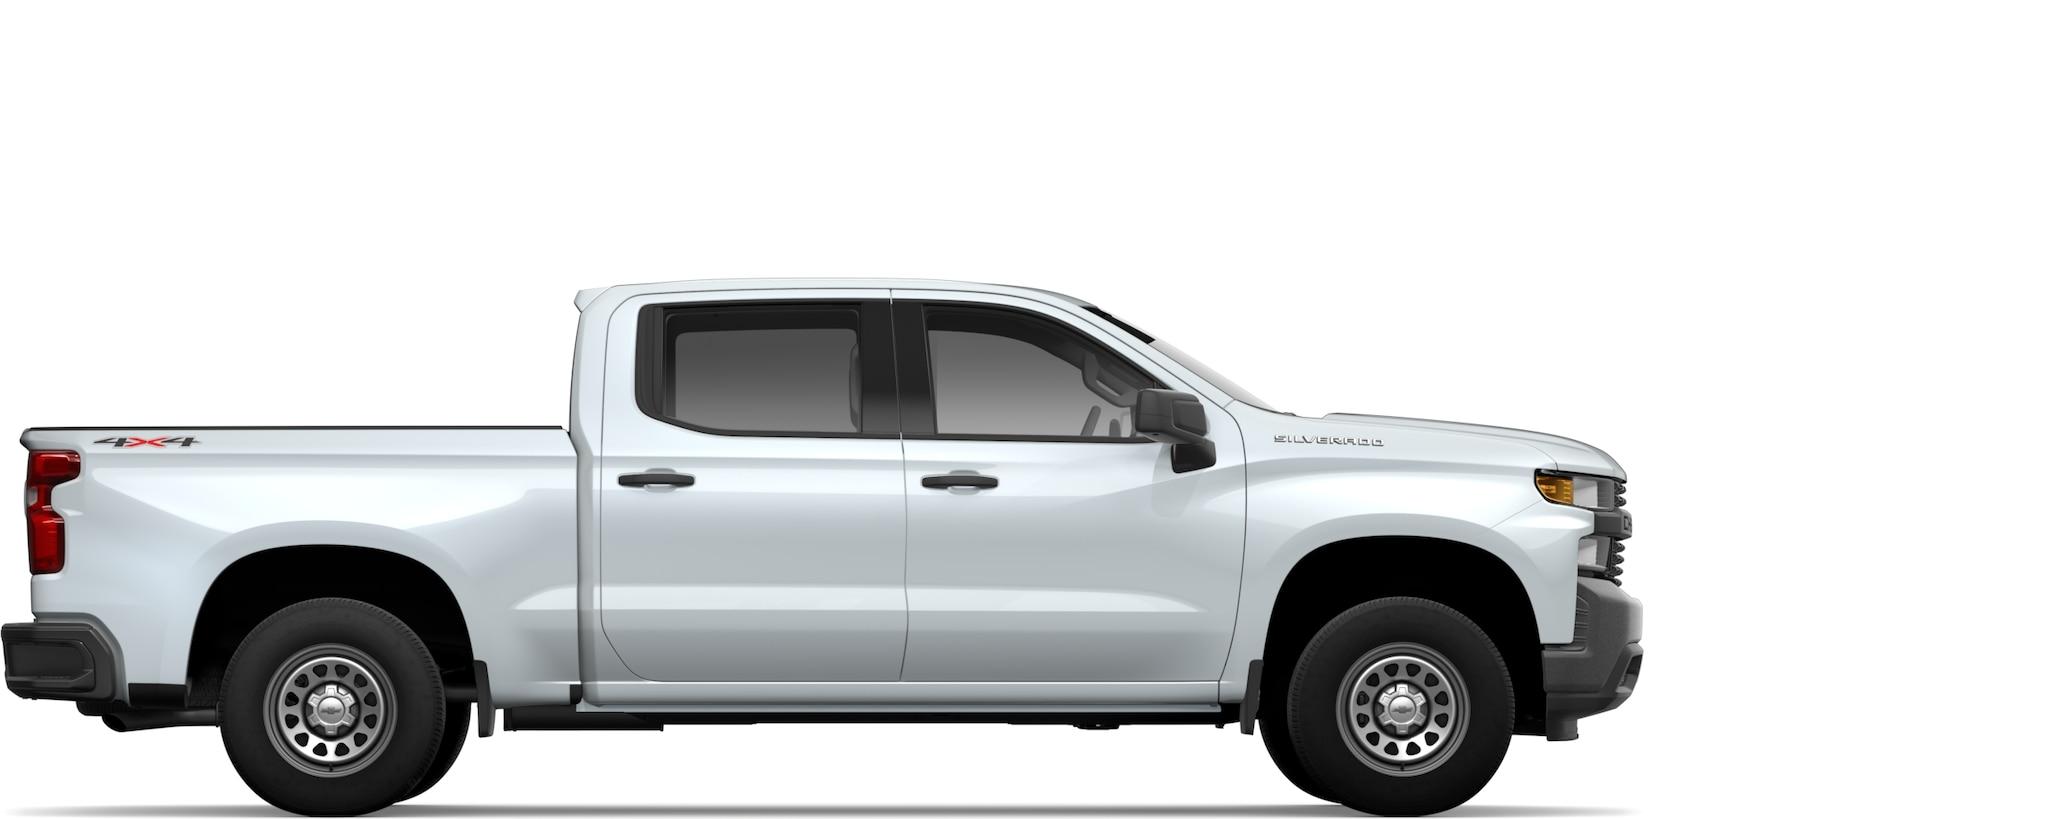 Camioneta comercial Silverado LD